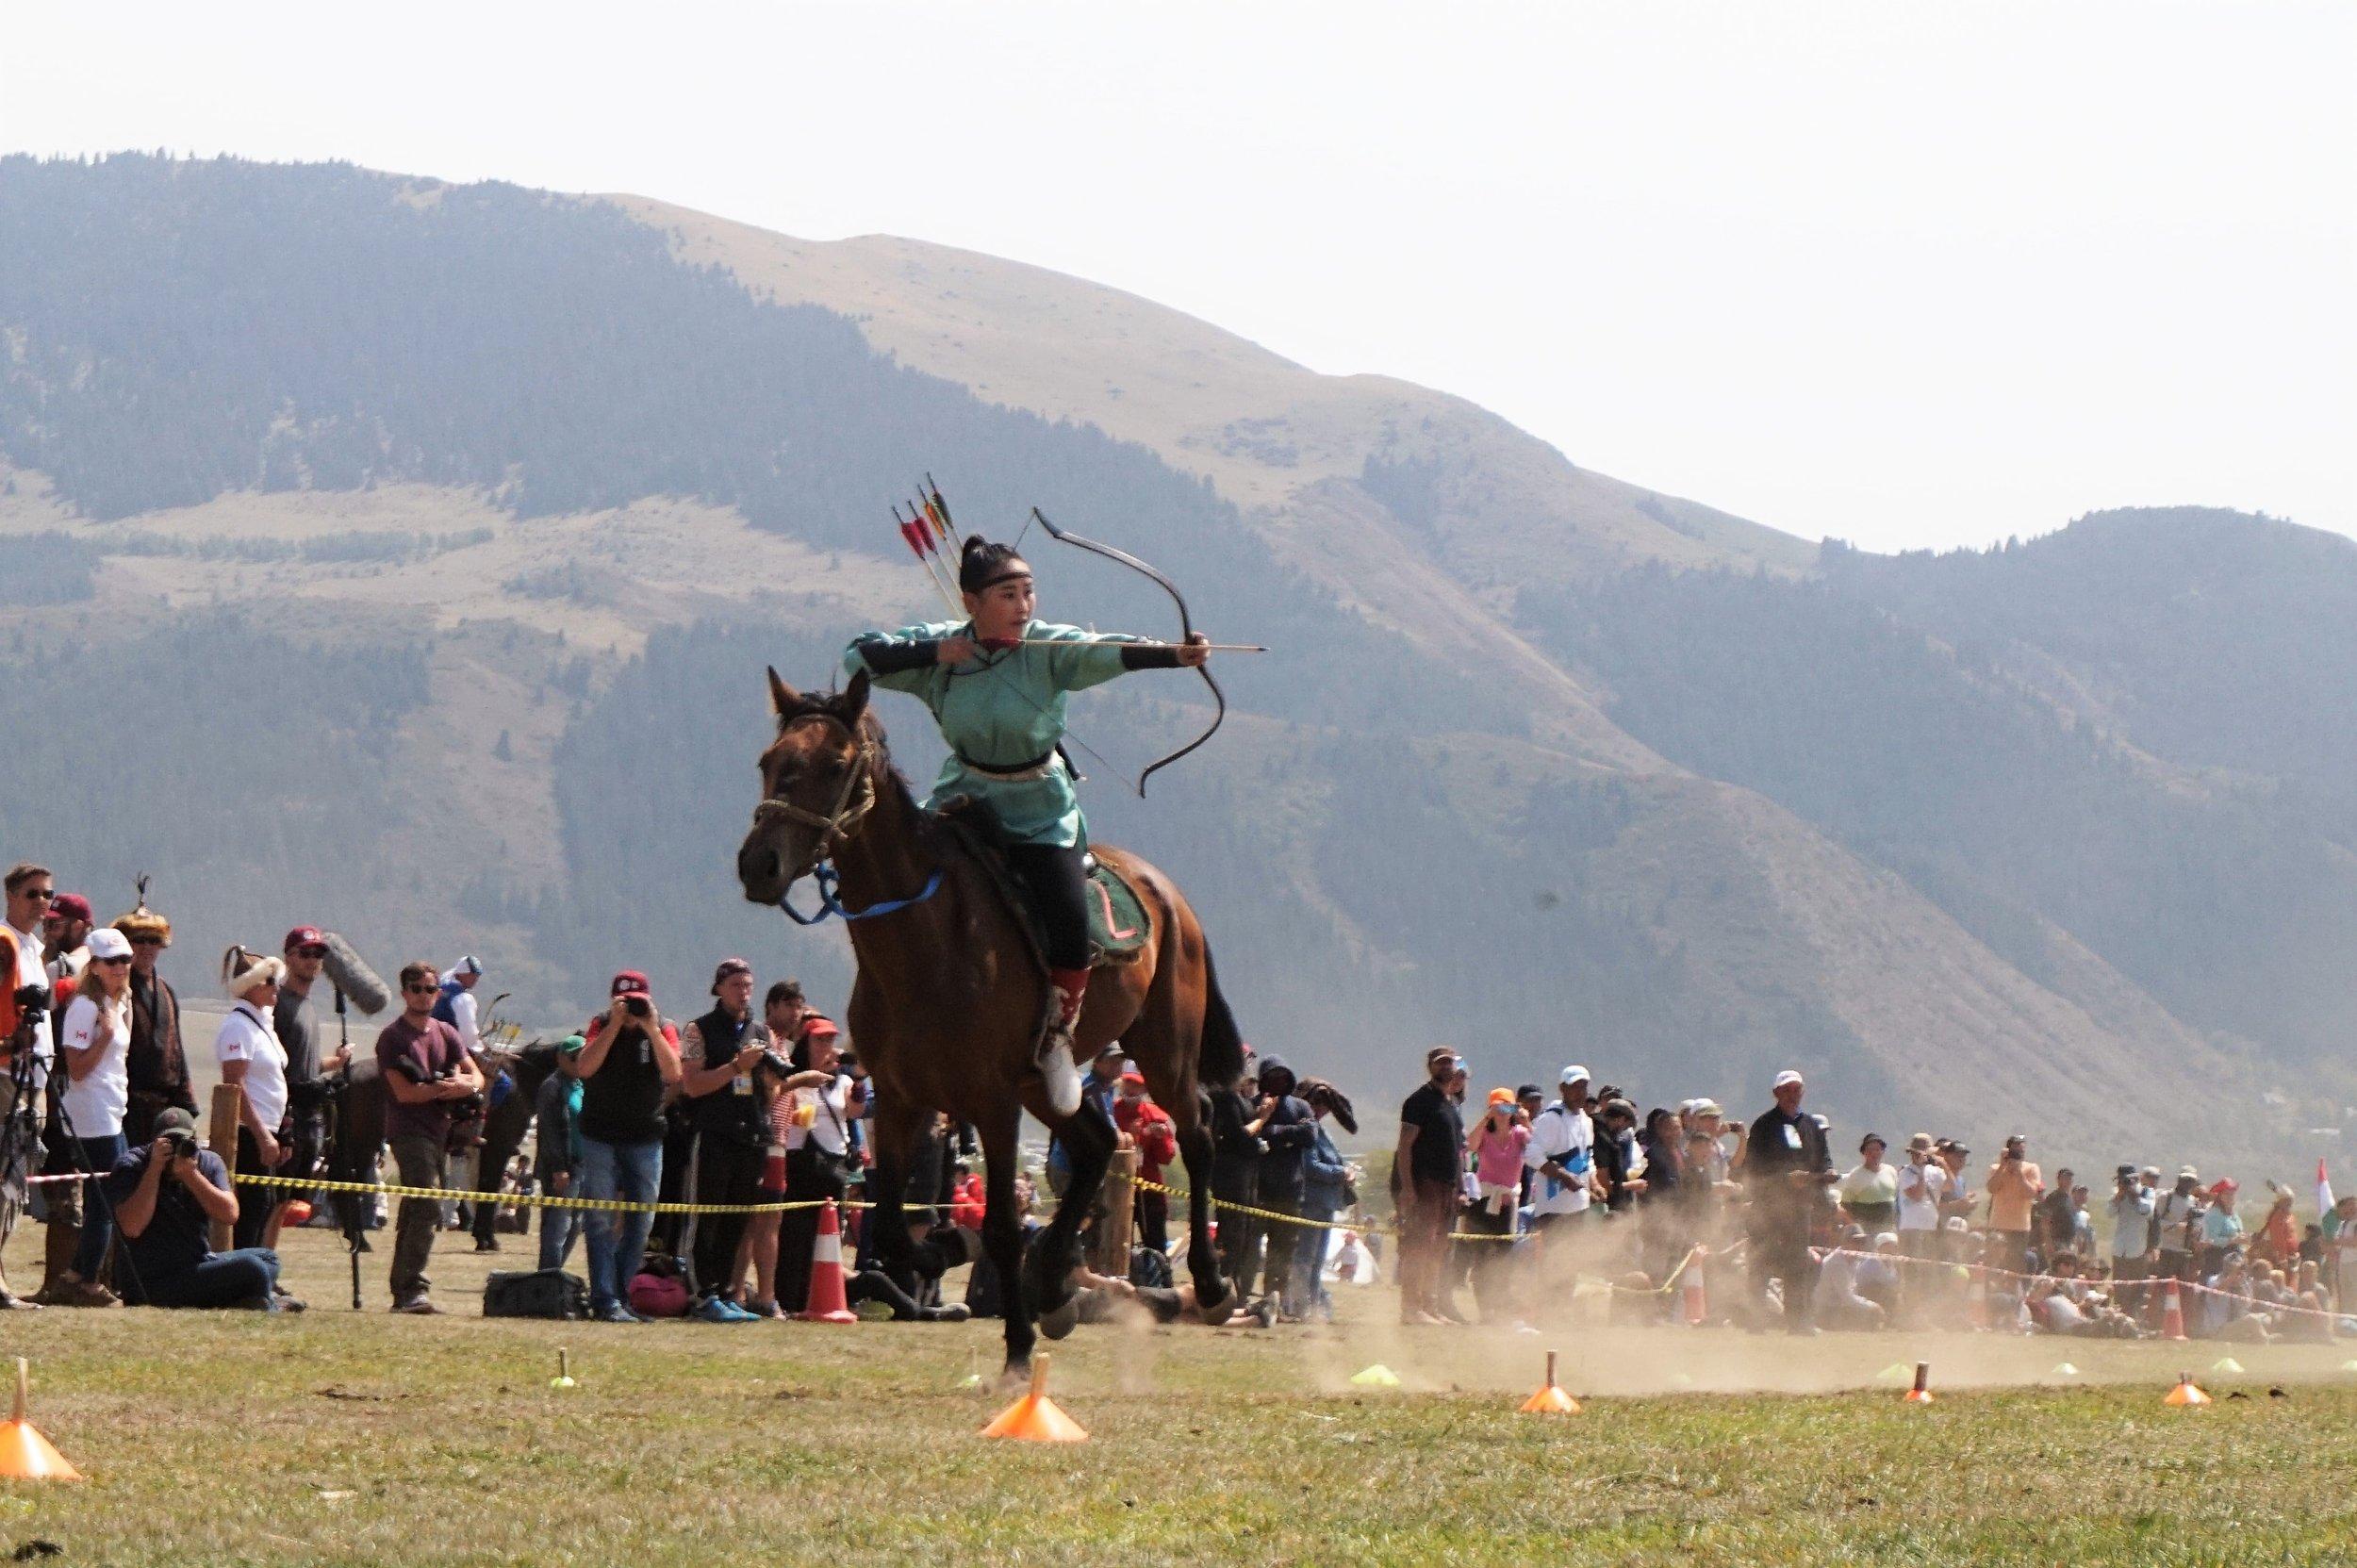 horseback archery kyrgyzstan